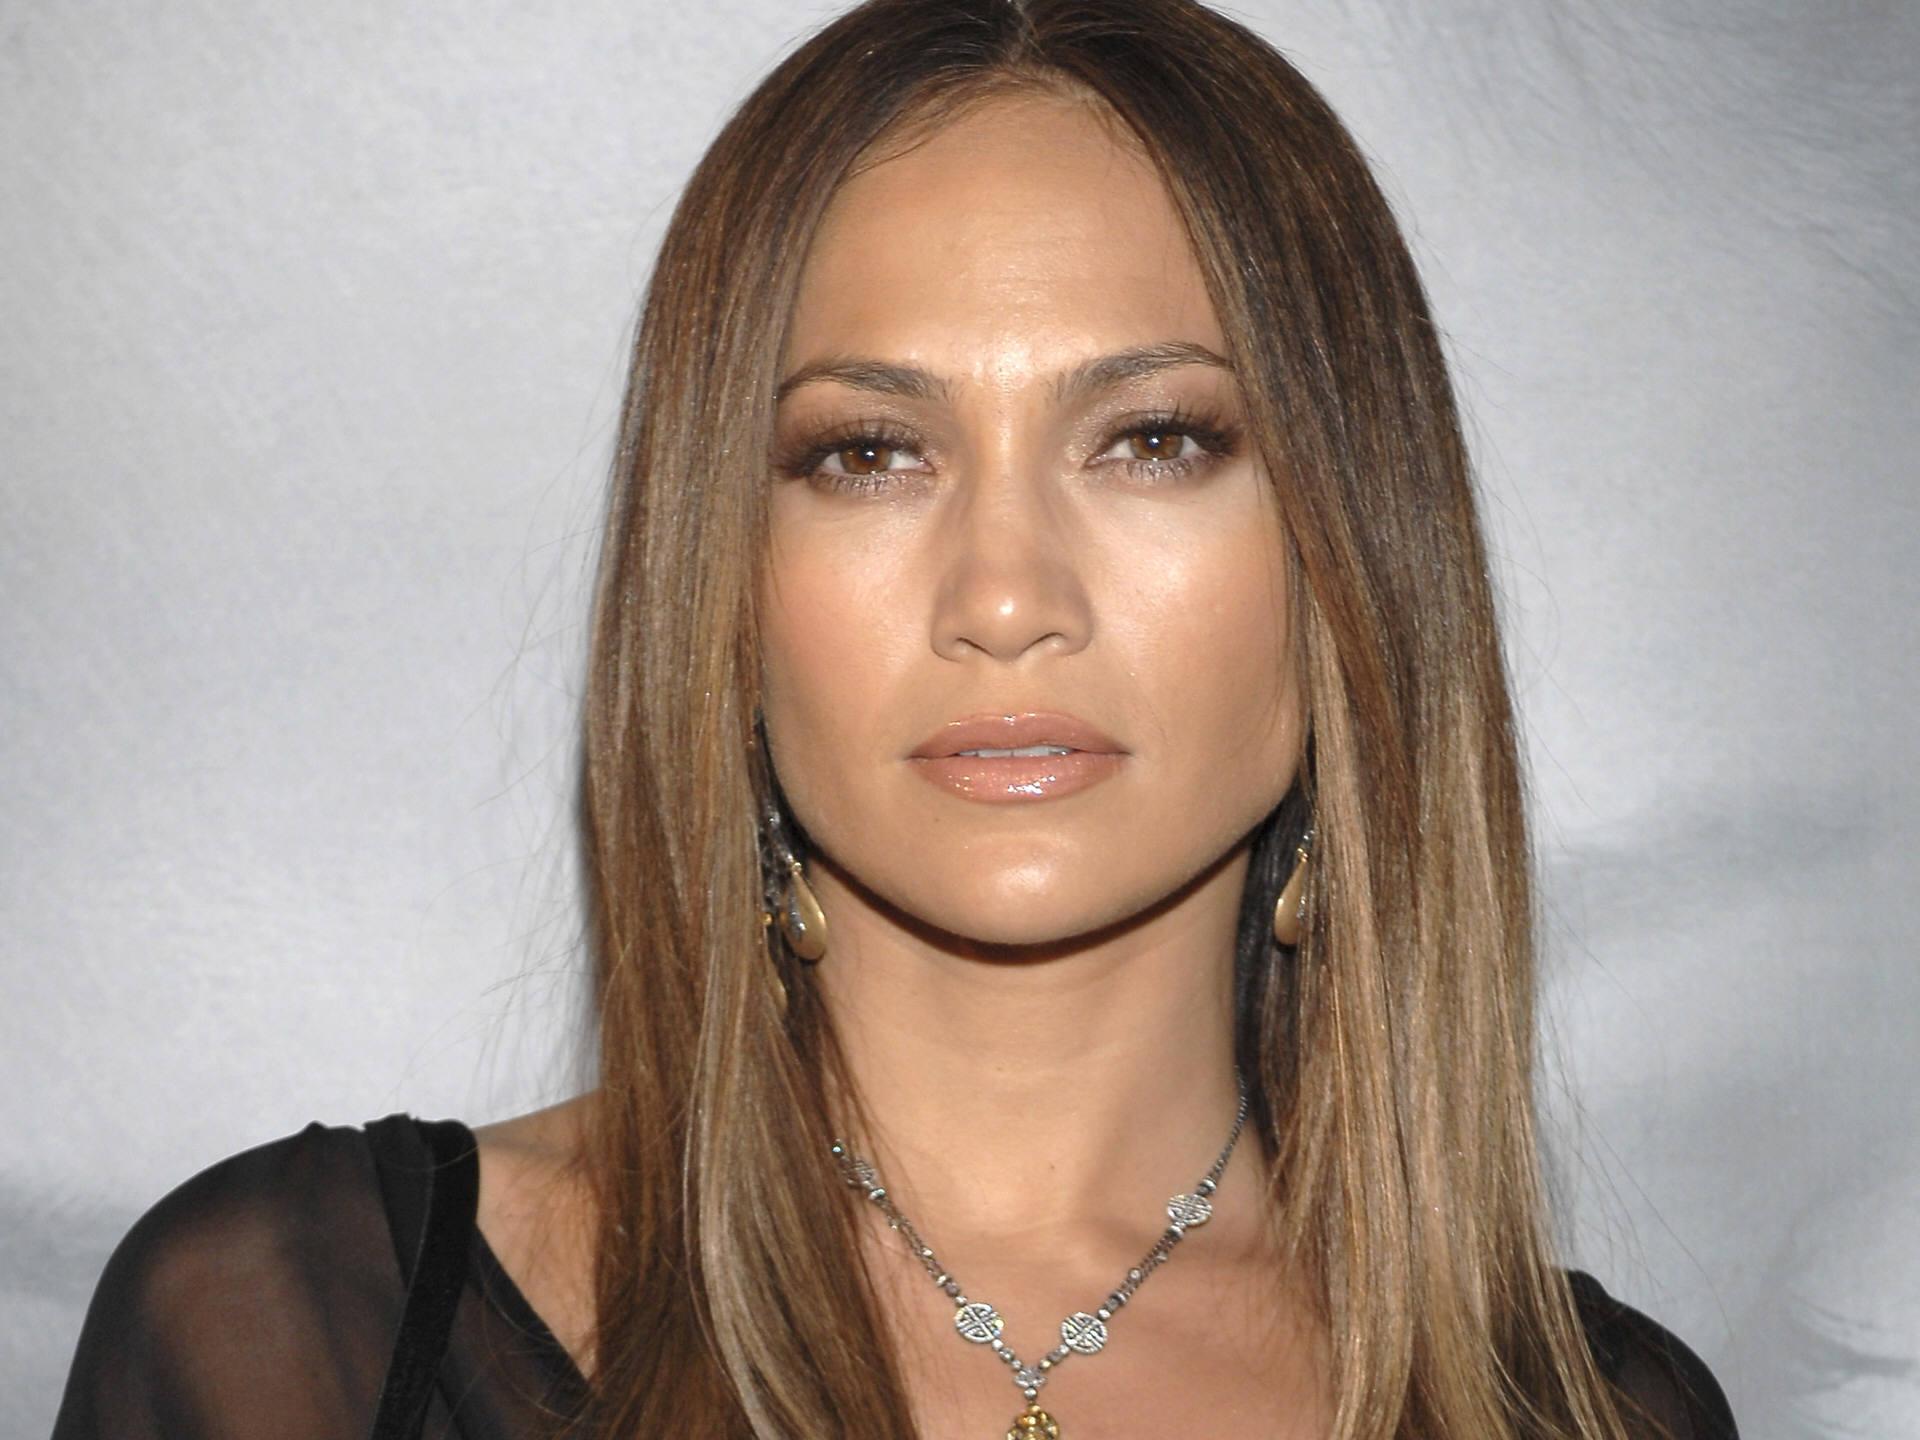 Jennifer Lopez peinado - 1920x1440